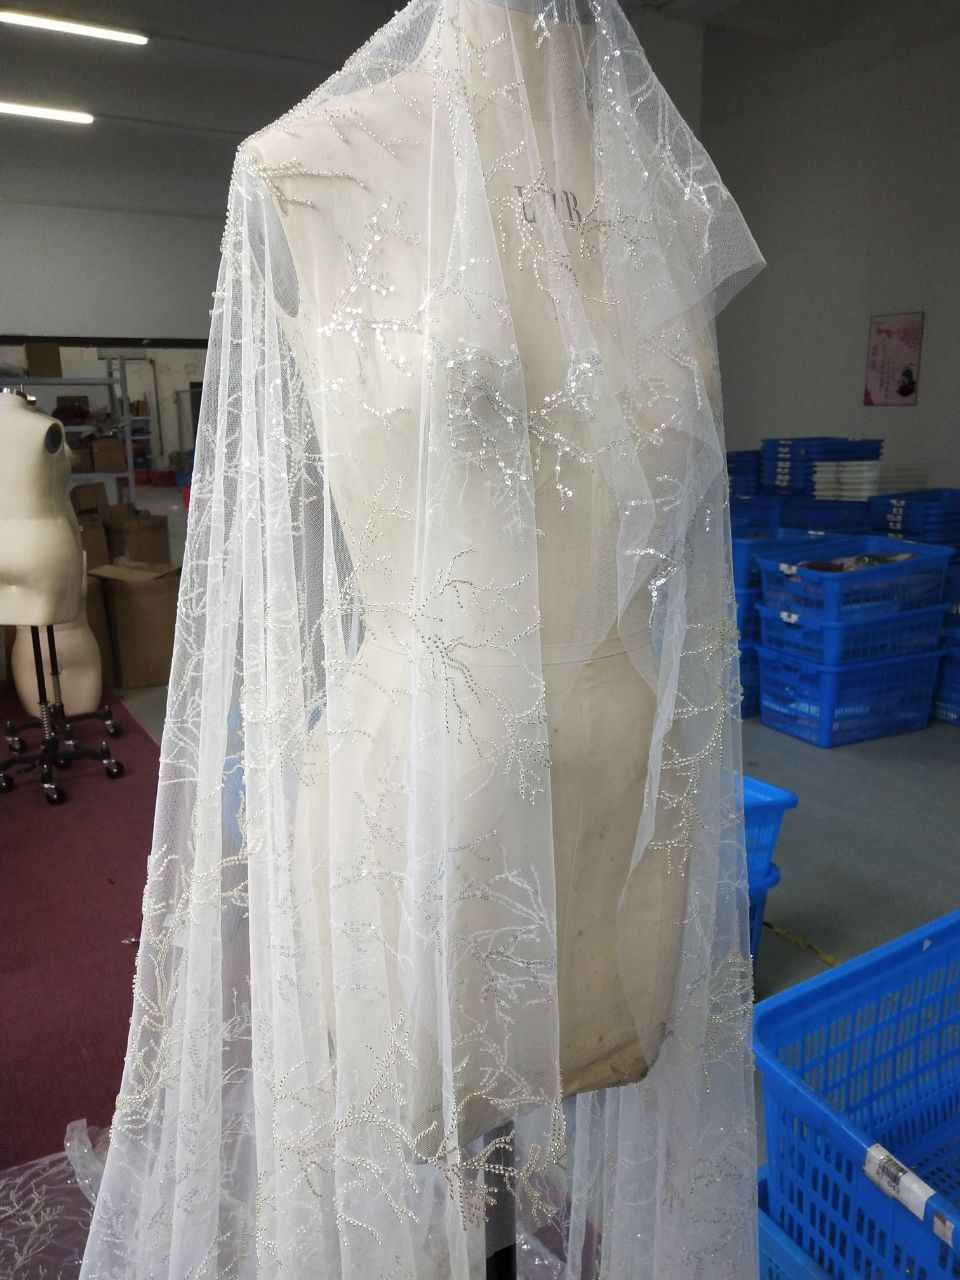 Gerçek fotoğraflar büyük balo gelinlik sıcak dantel gelinlik Mariage gelinlikler Vestido De Noiva Vintage gelin elbiseleri